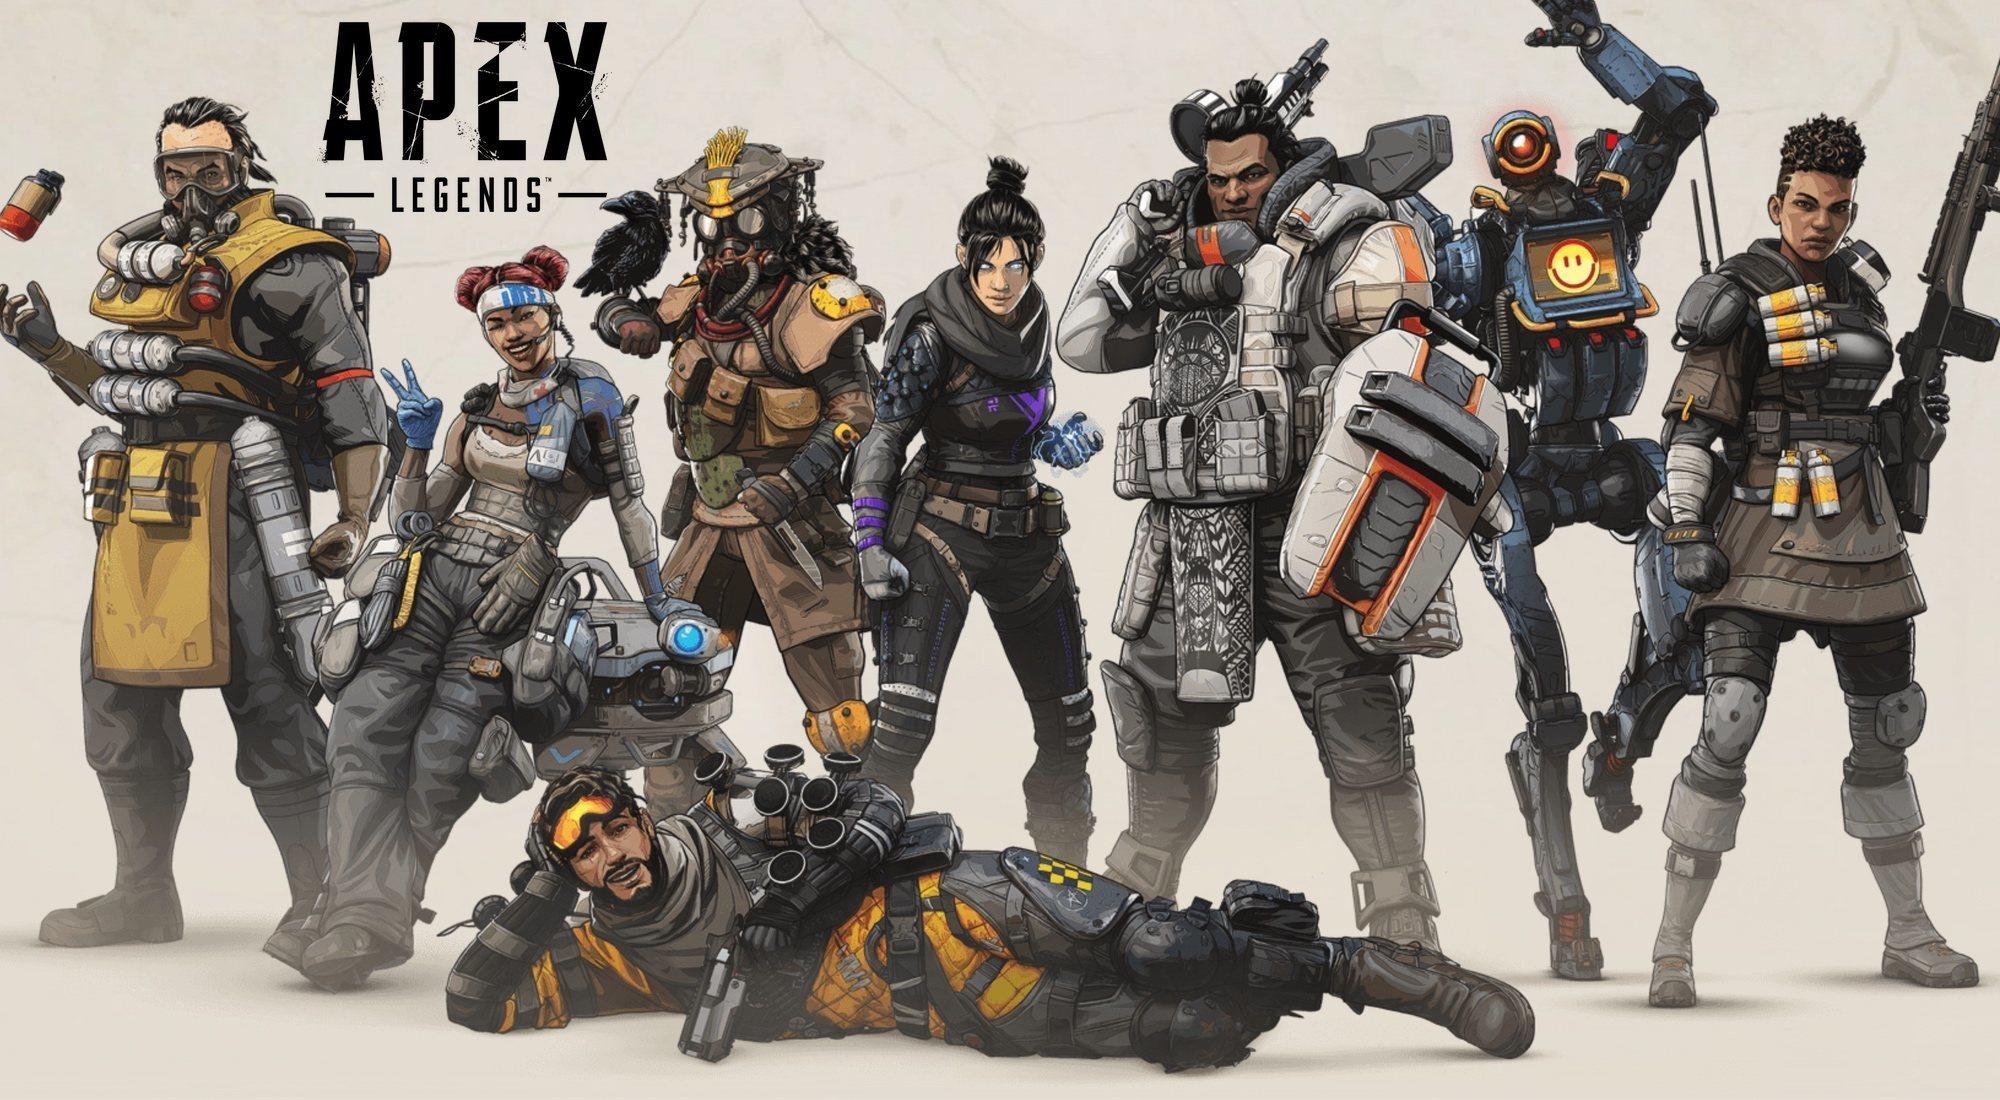 Análisis de 'Apex Legends', el primer rival de envergadura de 'Fortnite'